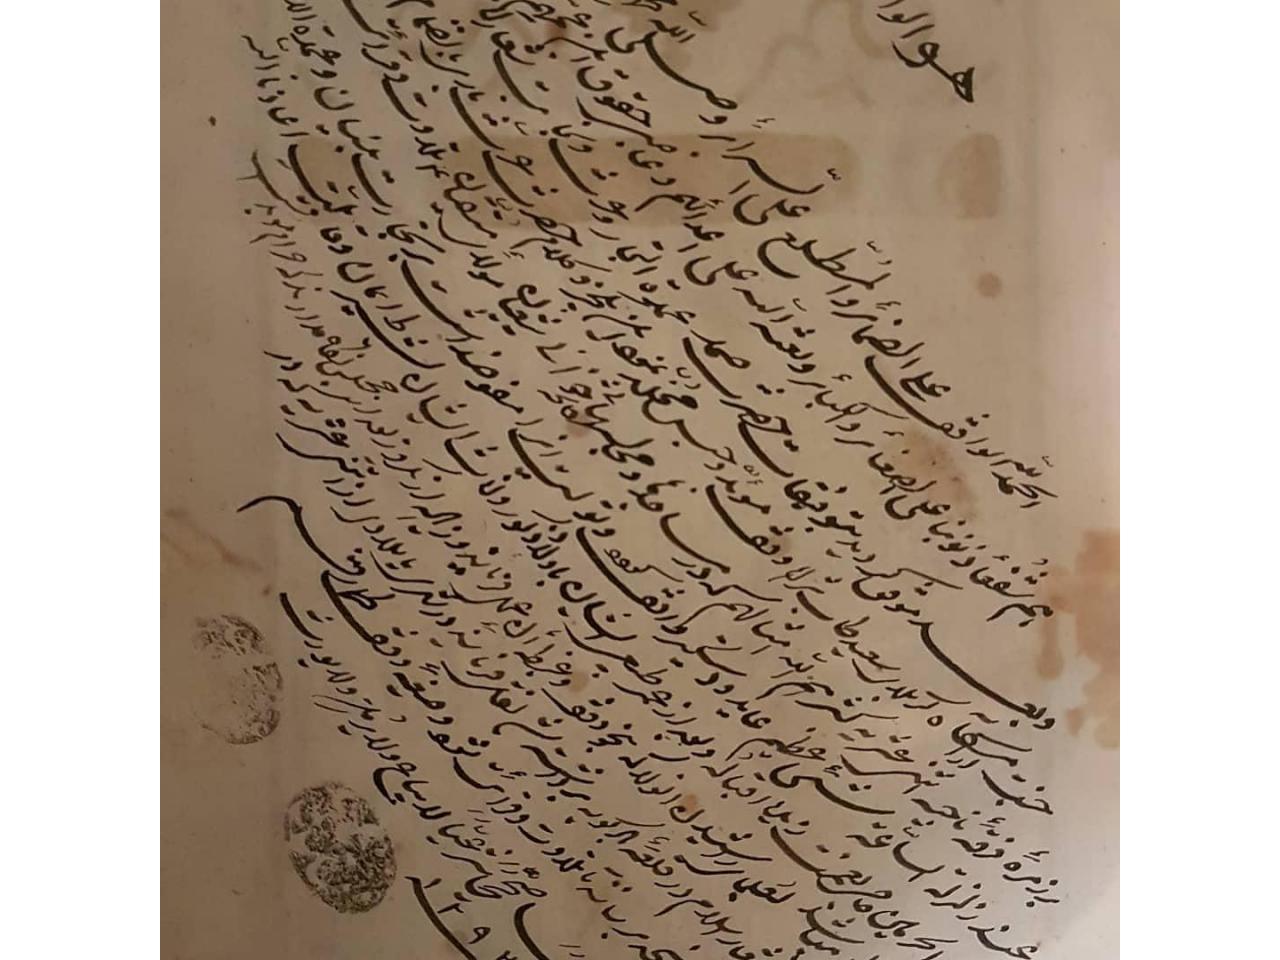 Стариный книга полавино 17 века рукапис - 5